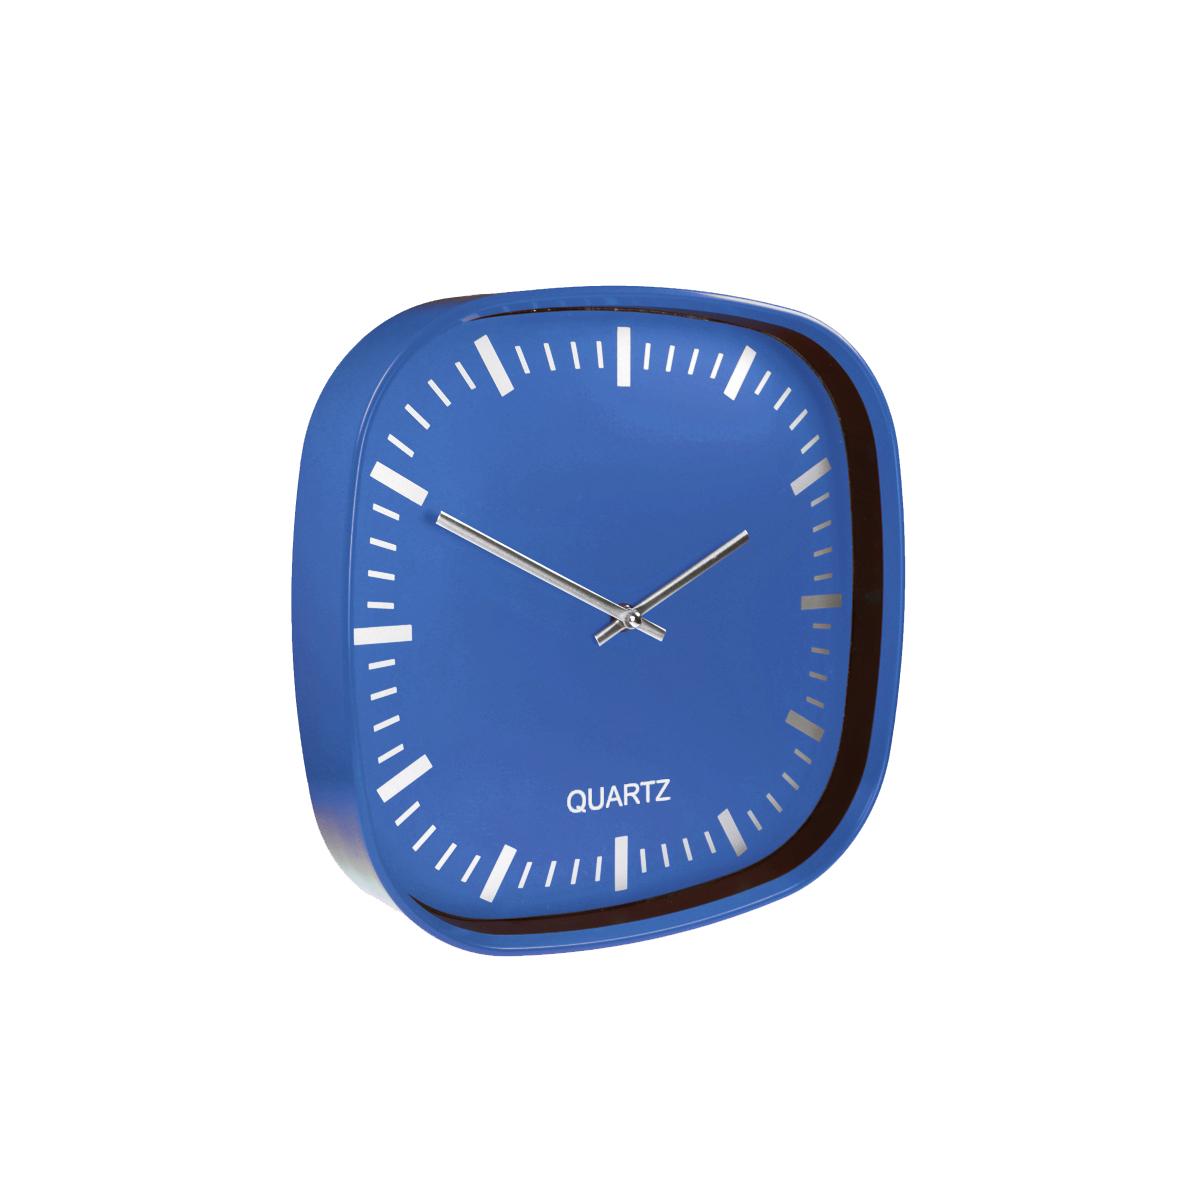 Plastic Wall Clock 30 - hmi36030-07 (Blue)